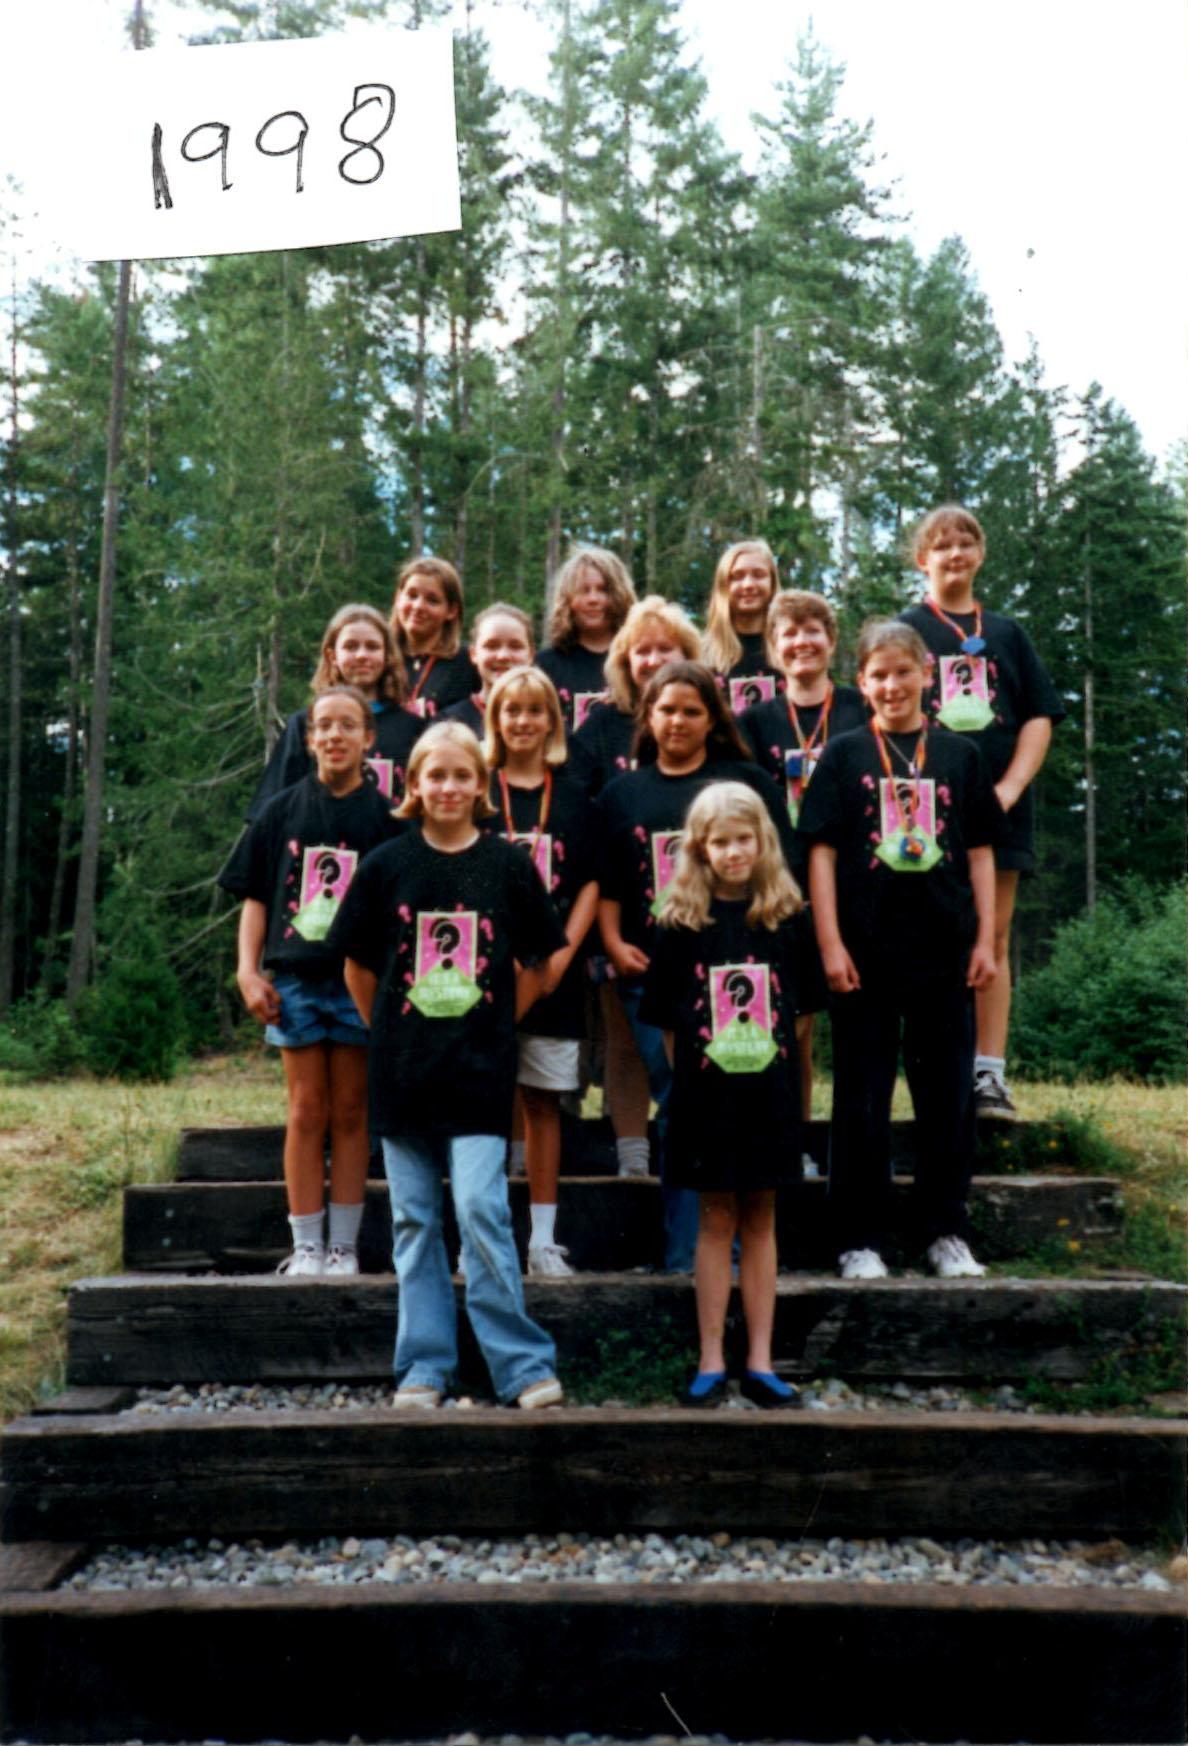 1998 -1.jpg